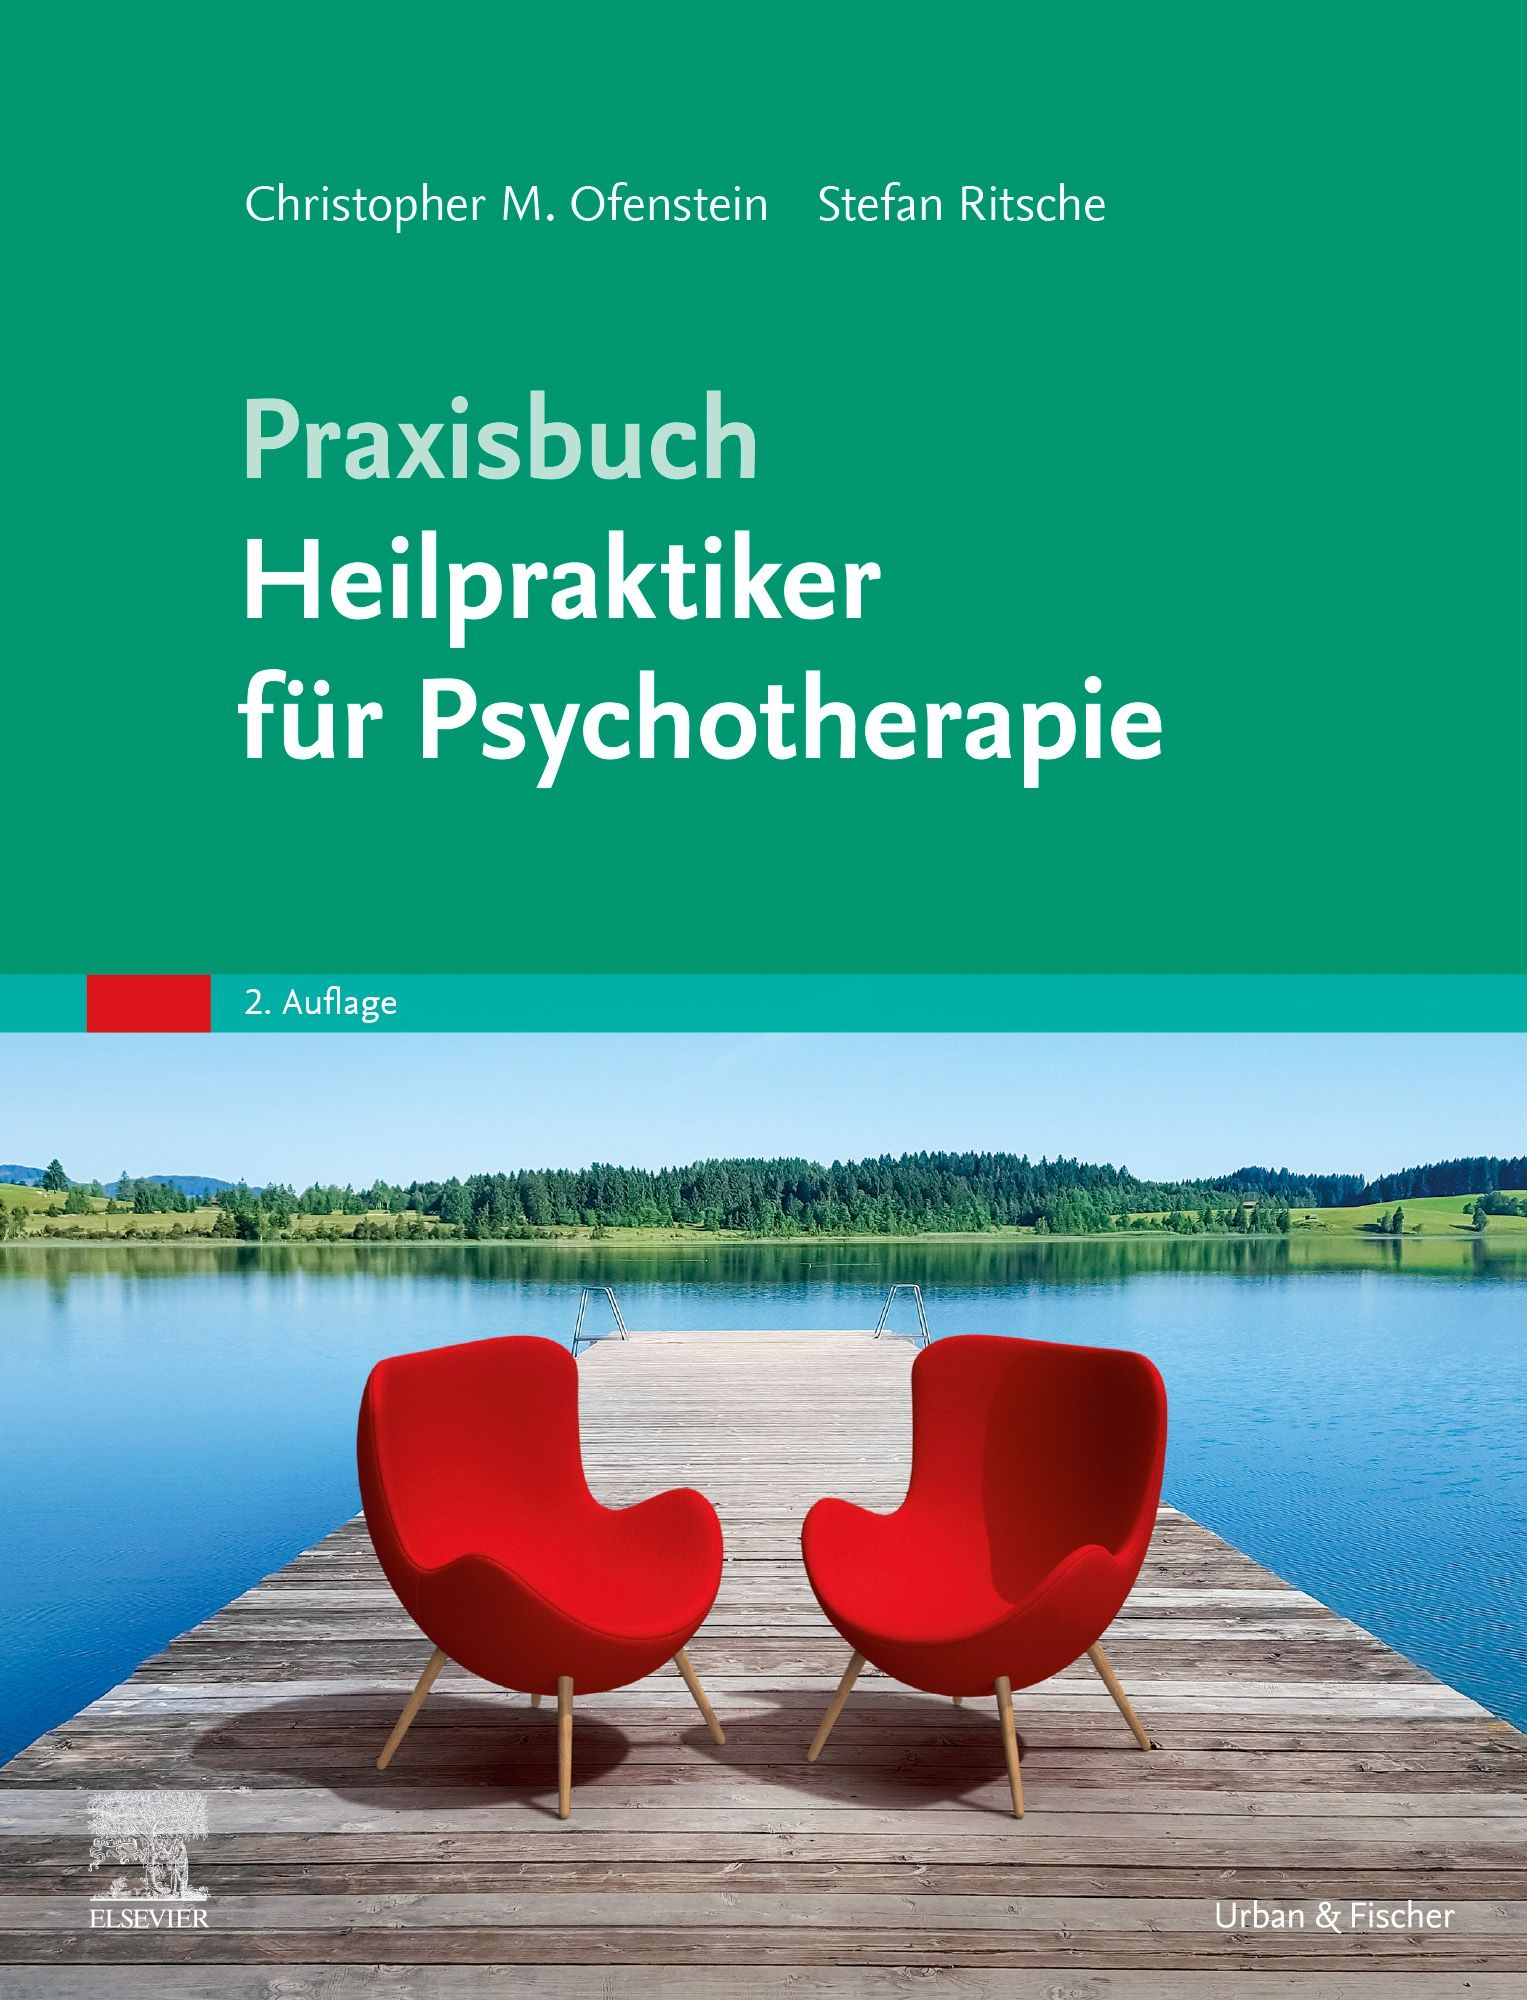 Praxisbuch Heilpraktiker für Psychotherapie